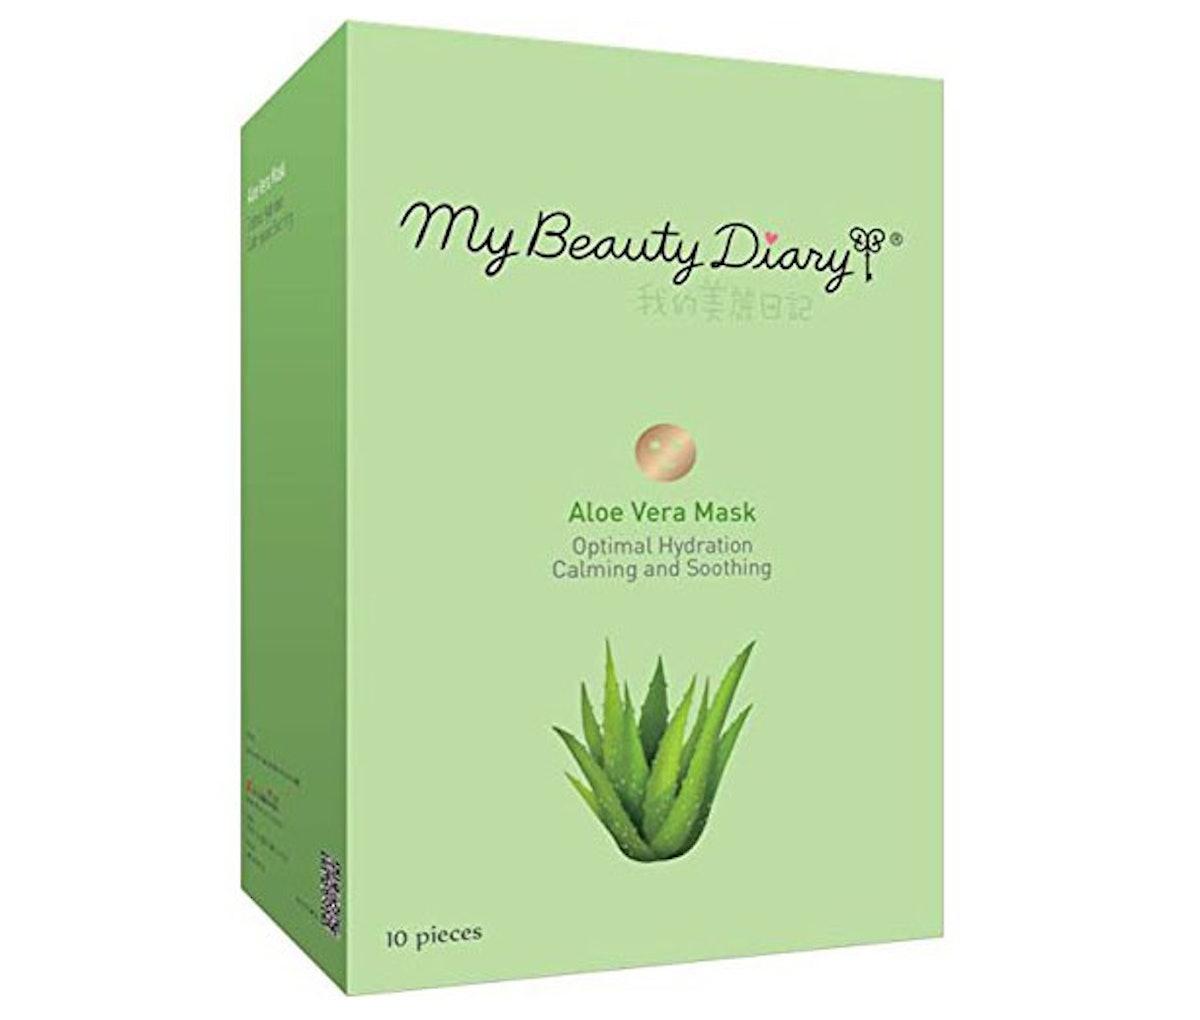 My Beauty Diary Aloe Vera Mask (10-Pack)